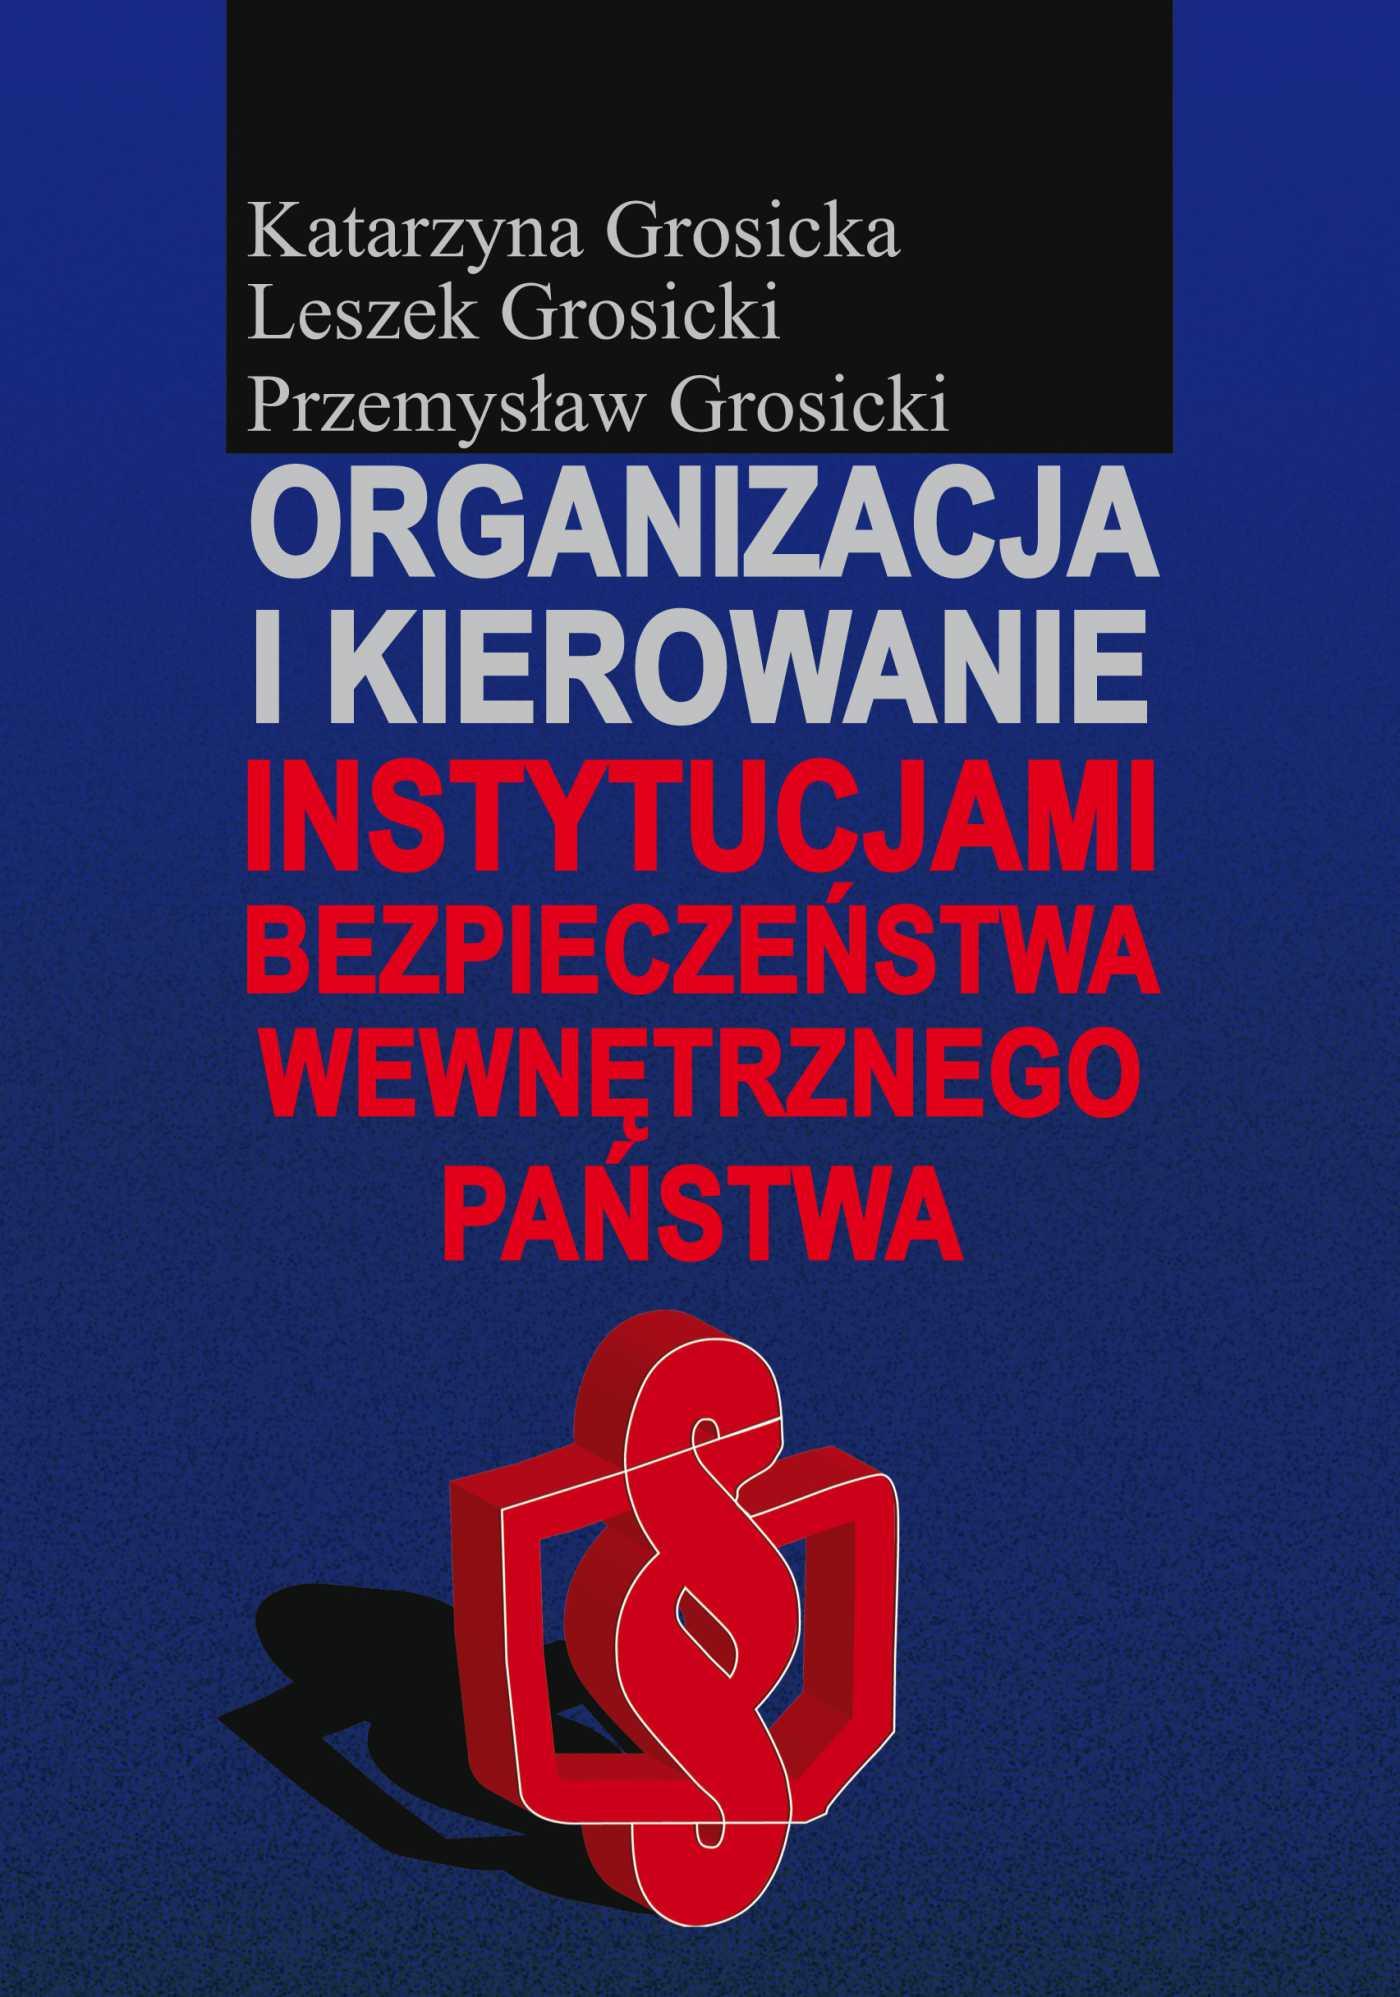 Organizacja i kierowanie instytucjami bezpieczeństwa wewnętrznego państwa - Ebook (Książka PDF) do pobrania w formacie PDF